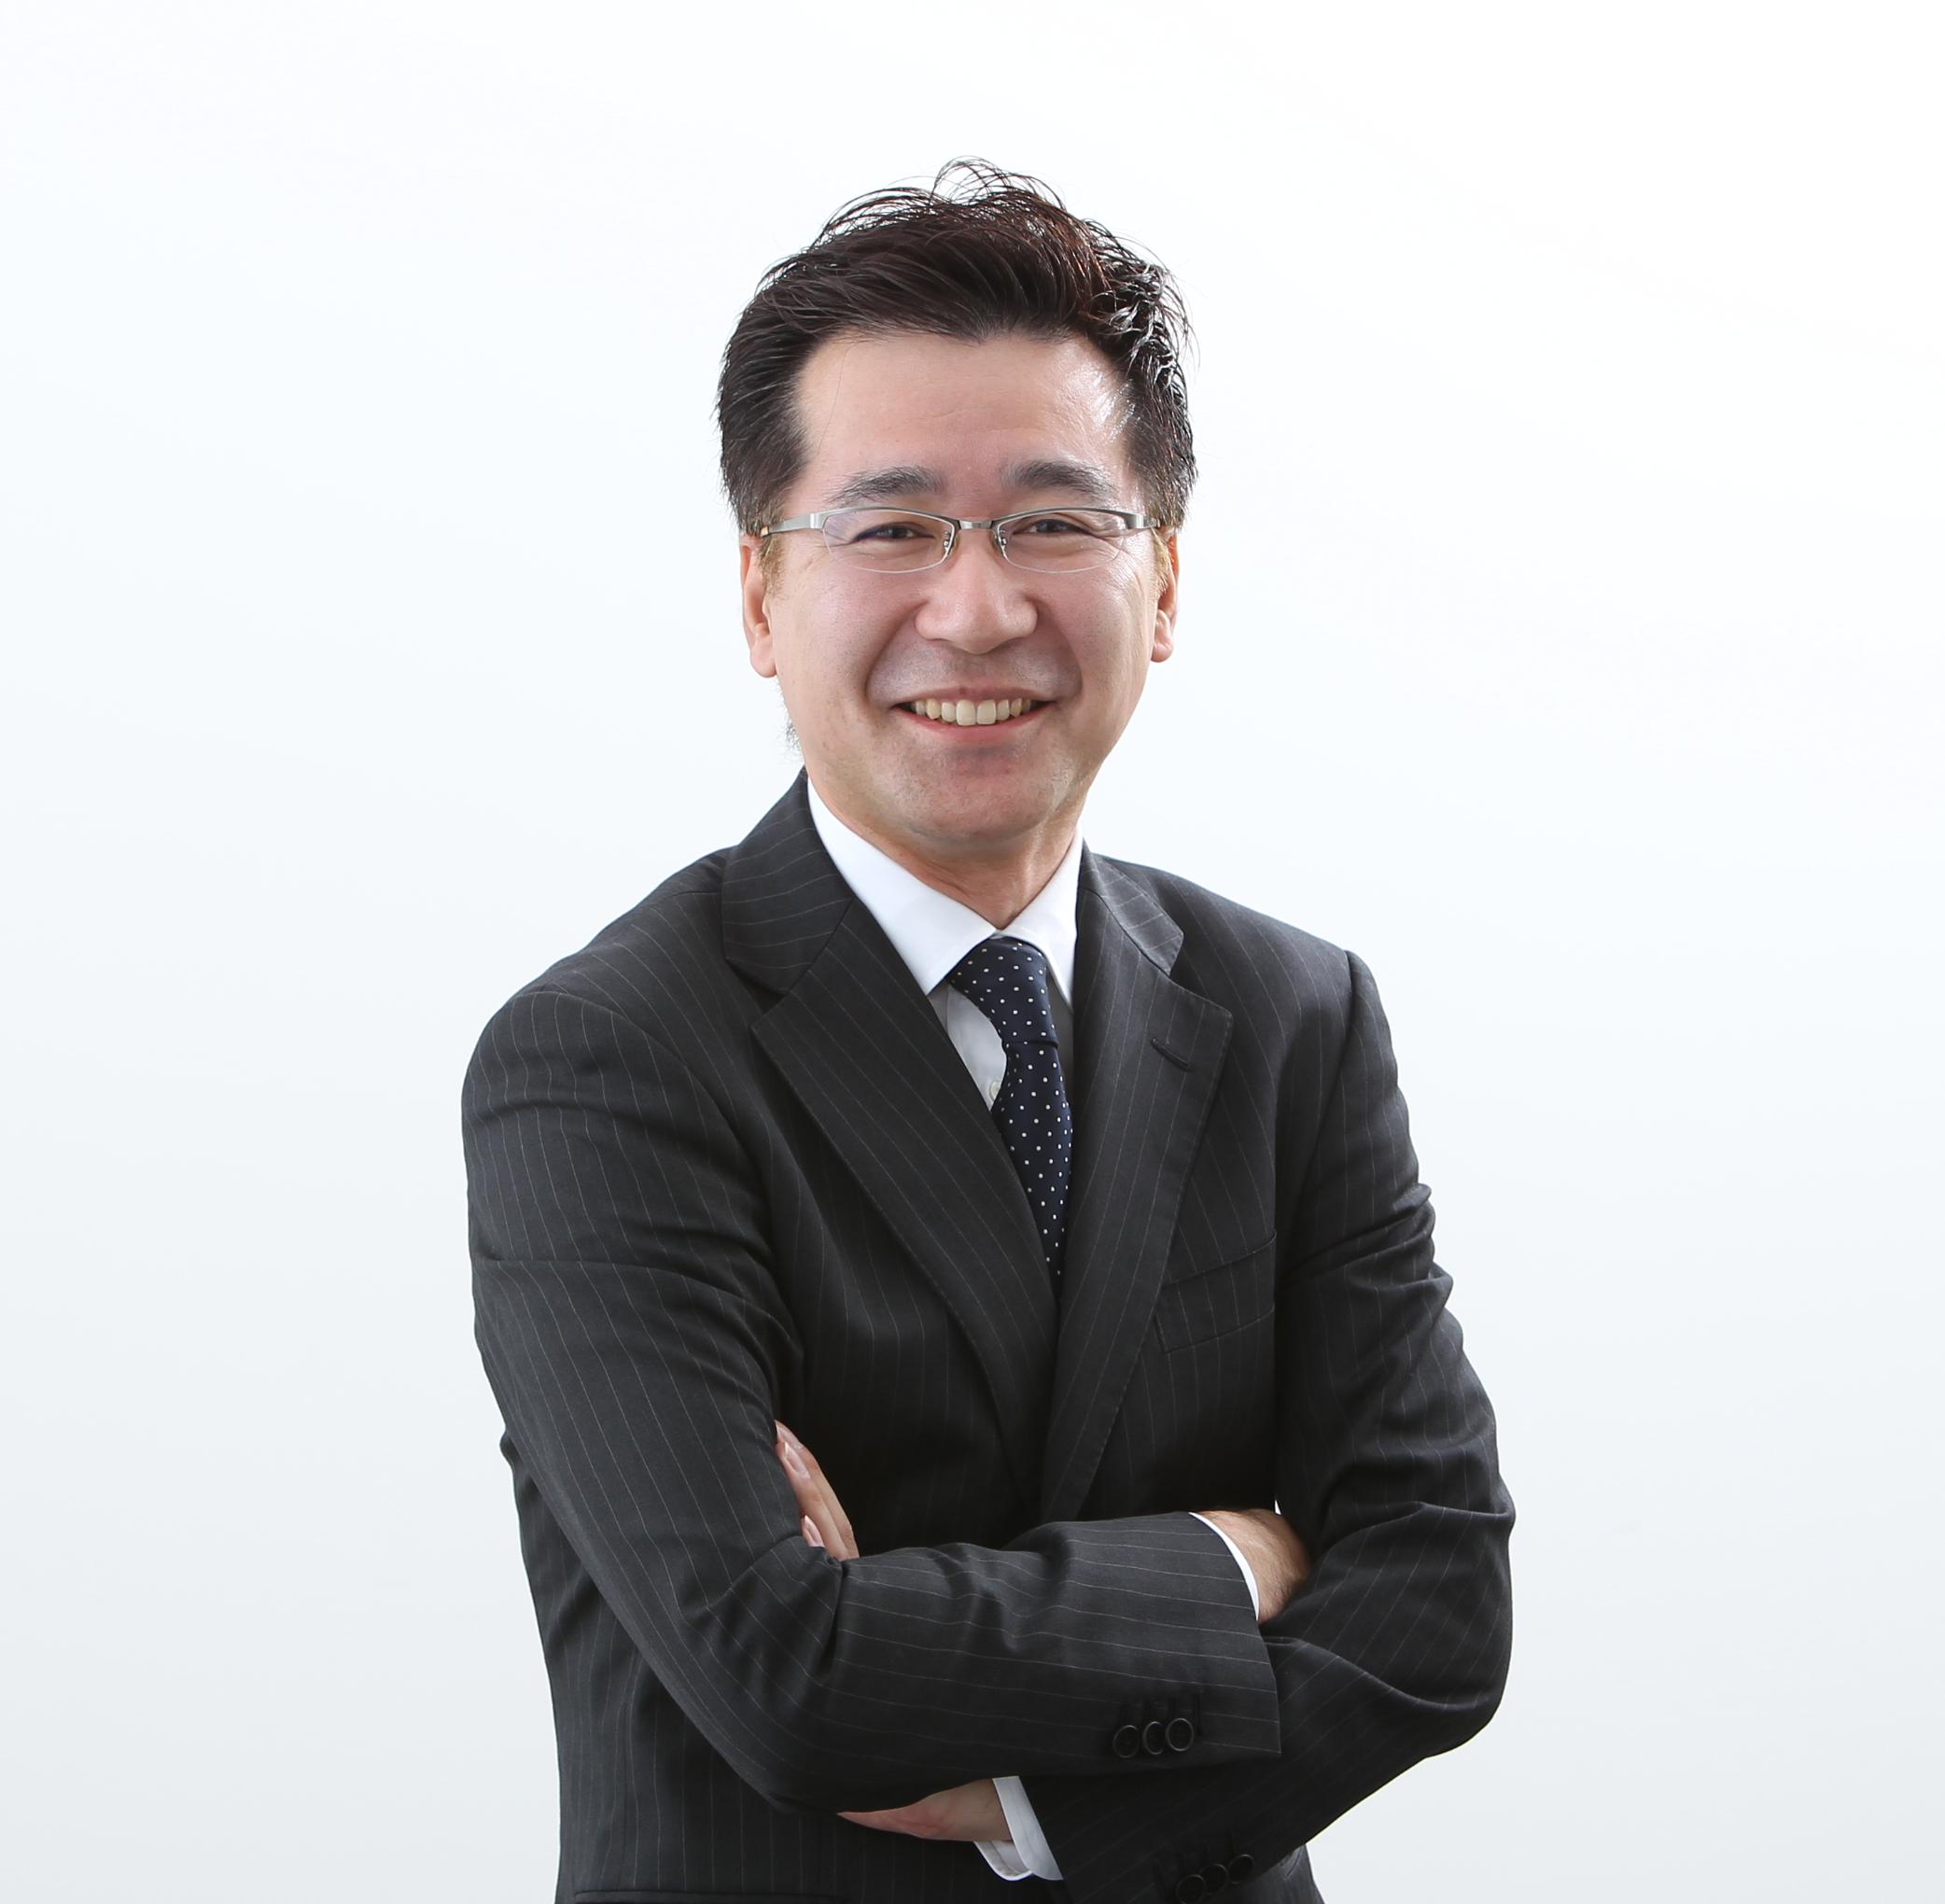 あいわ税理士法人 シニアマネージャー 税理士/元国税審判官 尾崎 真司氏